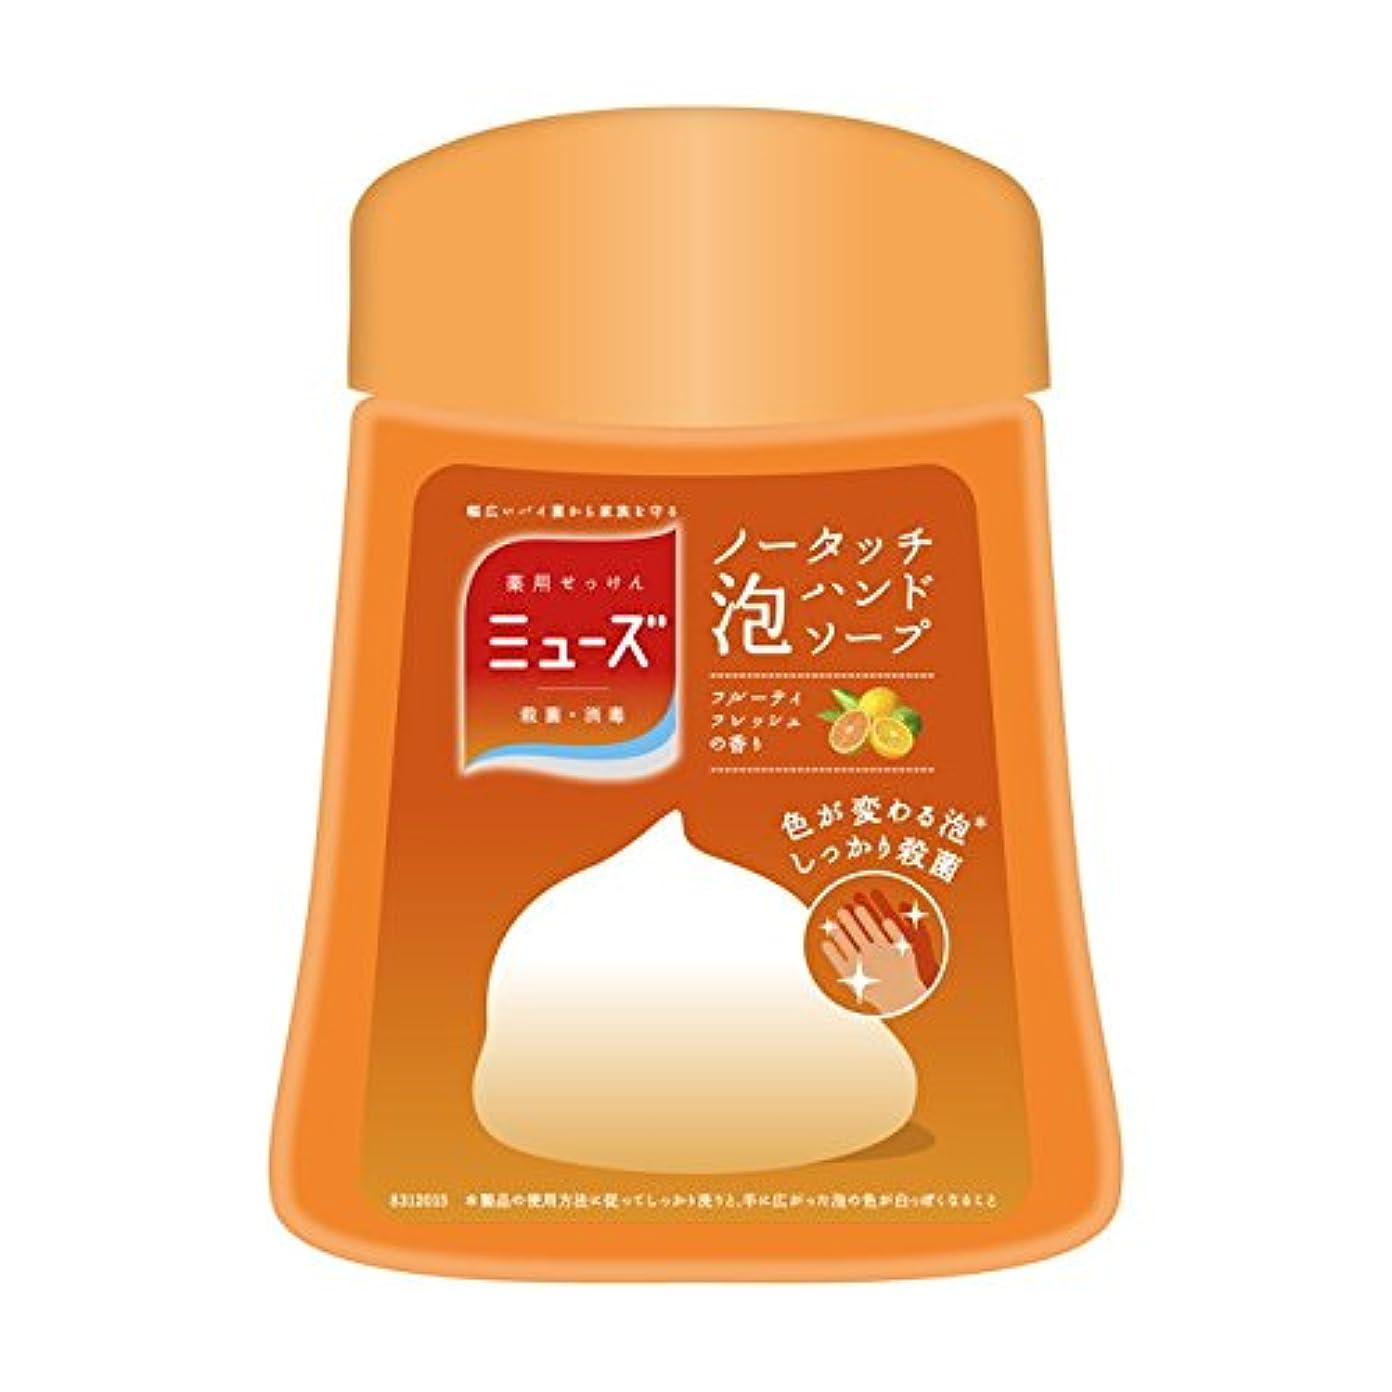 豪華な配る赤ミューズ ノータッチ フルーティフレッシュ 詰替 250ml【5個セット】